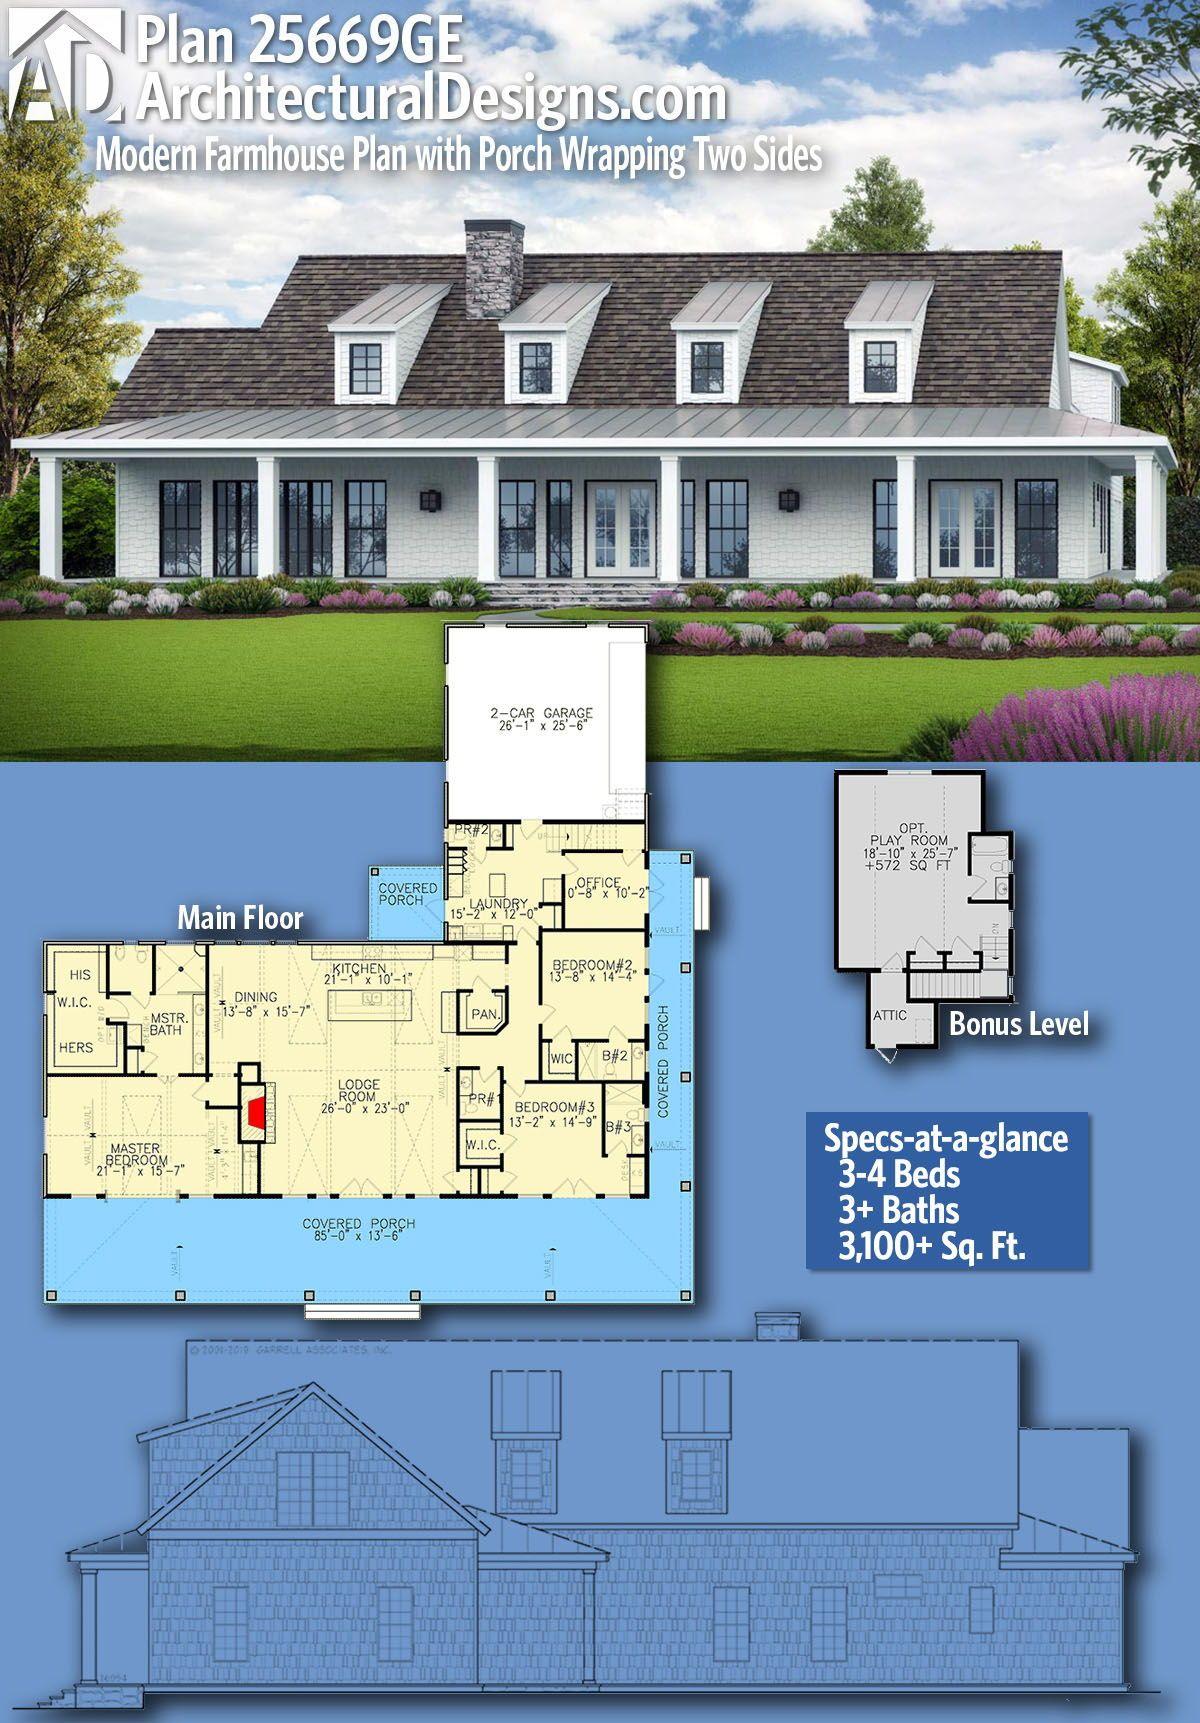 Plan 25669ge Modern Farmhouse Plan With Porch Wrapping Two Sides Farmhouse Plans Modern Farmhouse Plans House Plans Farmhouse